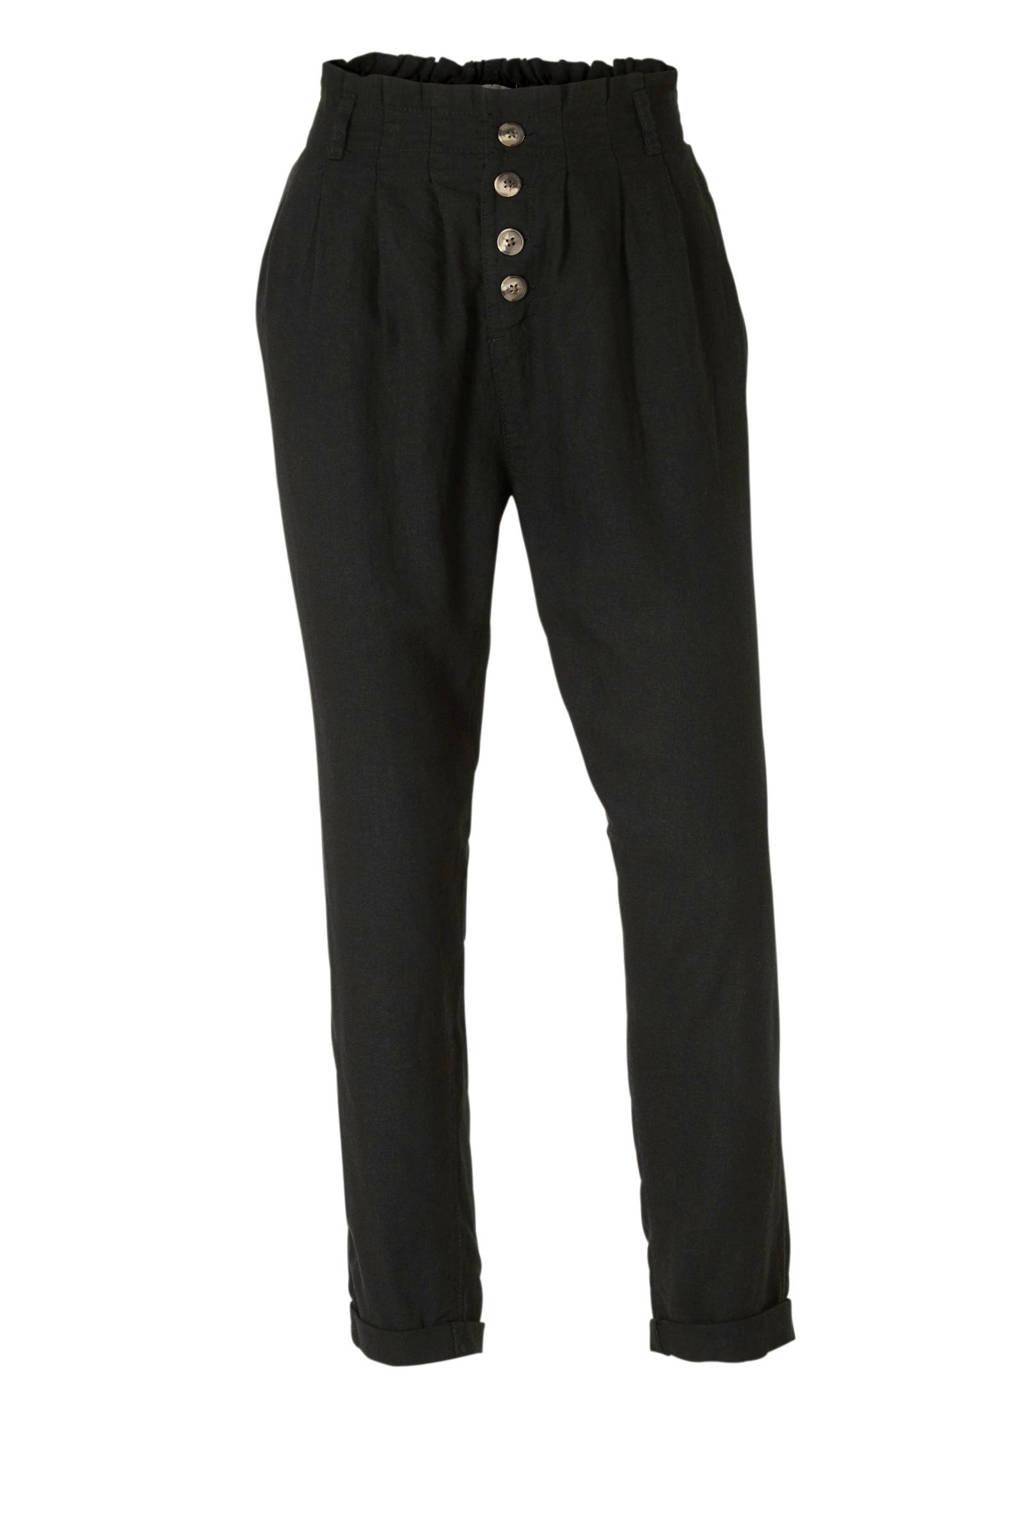 C&A Clockhouse tapered fit broek met linnen zwart, Zwart